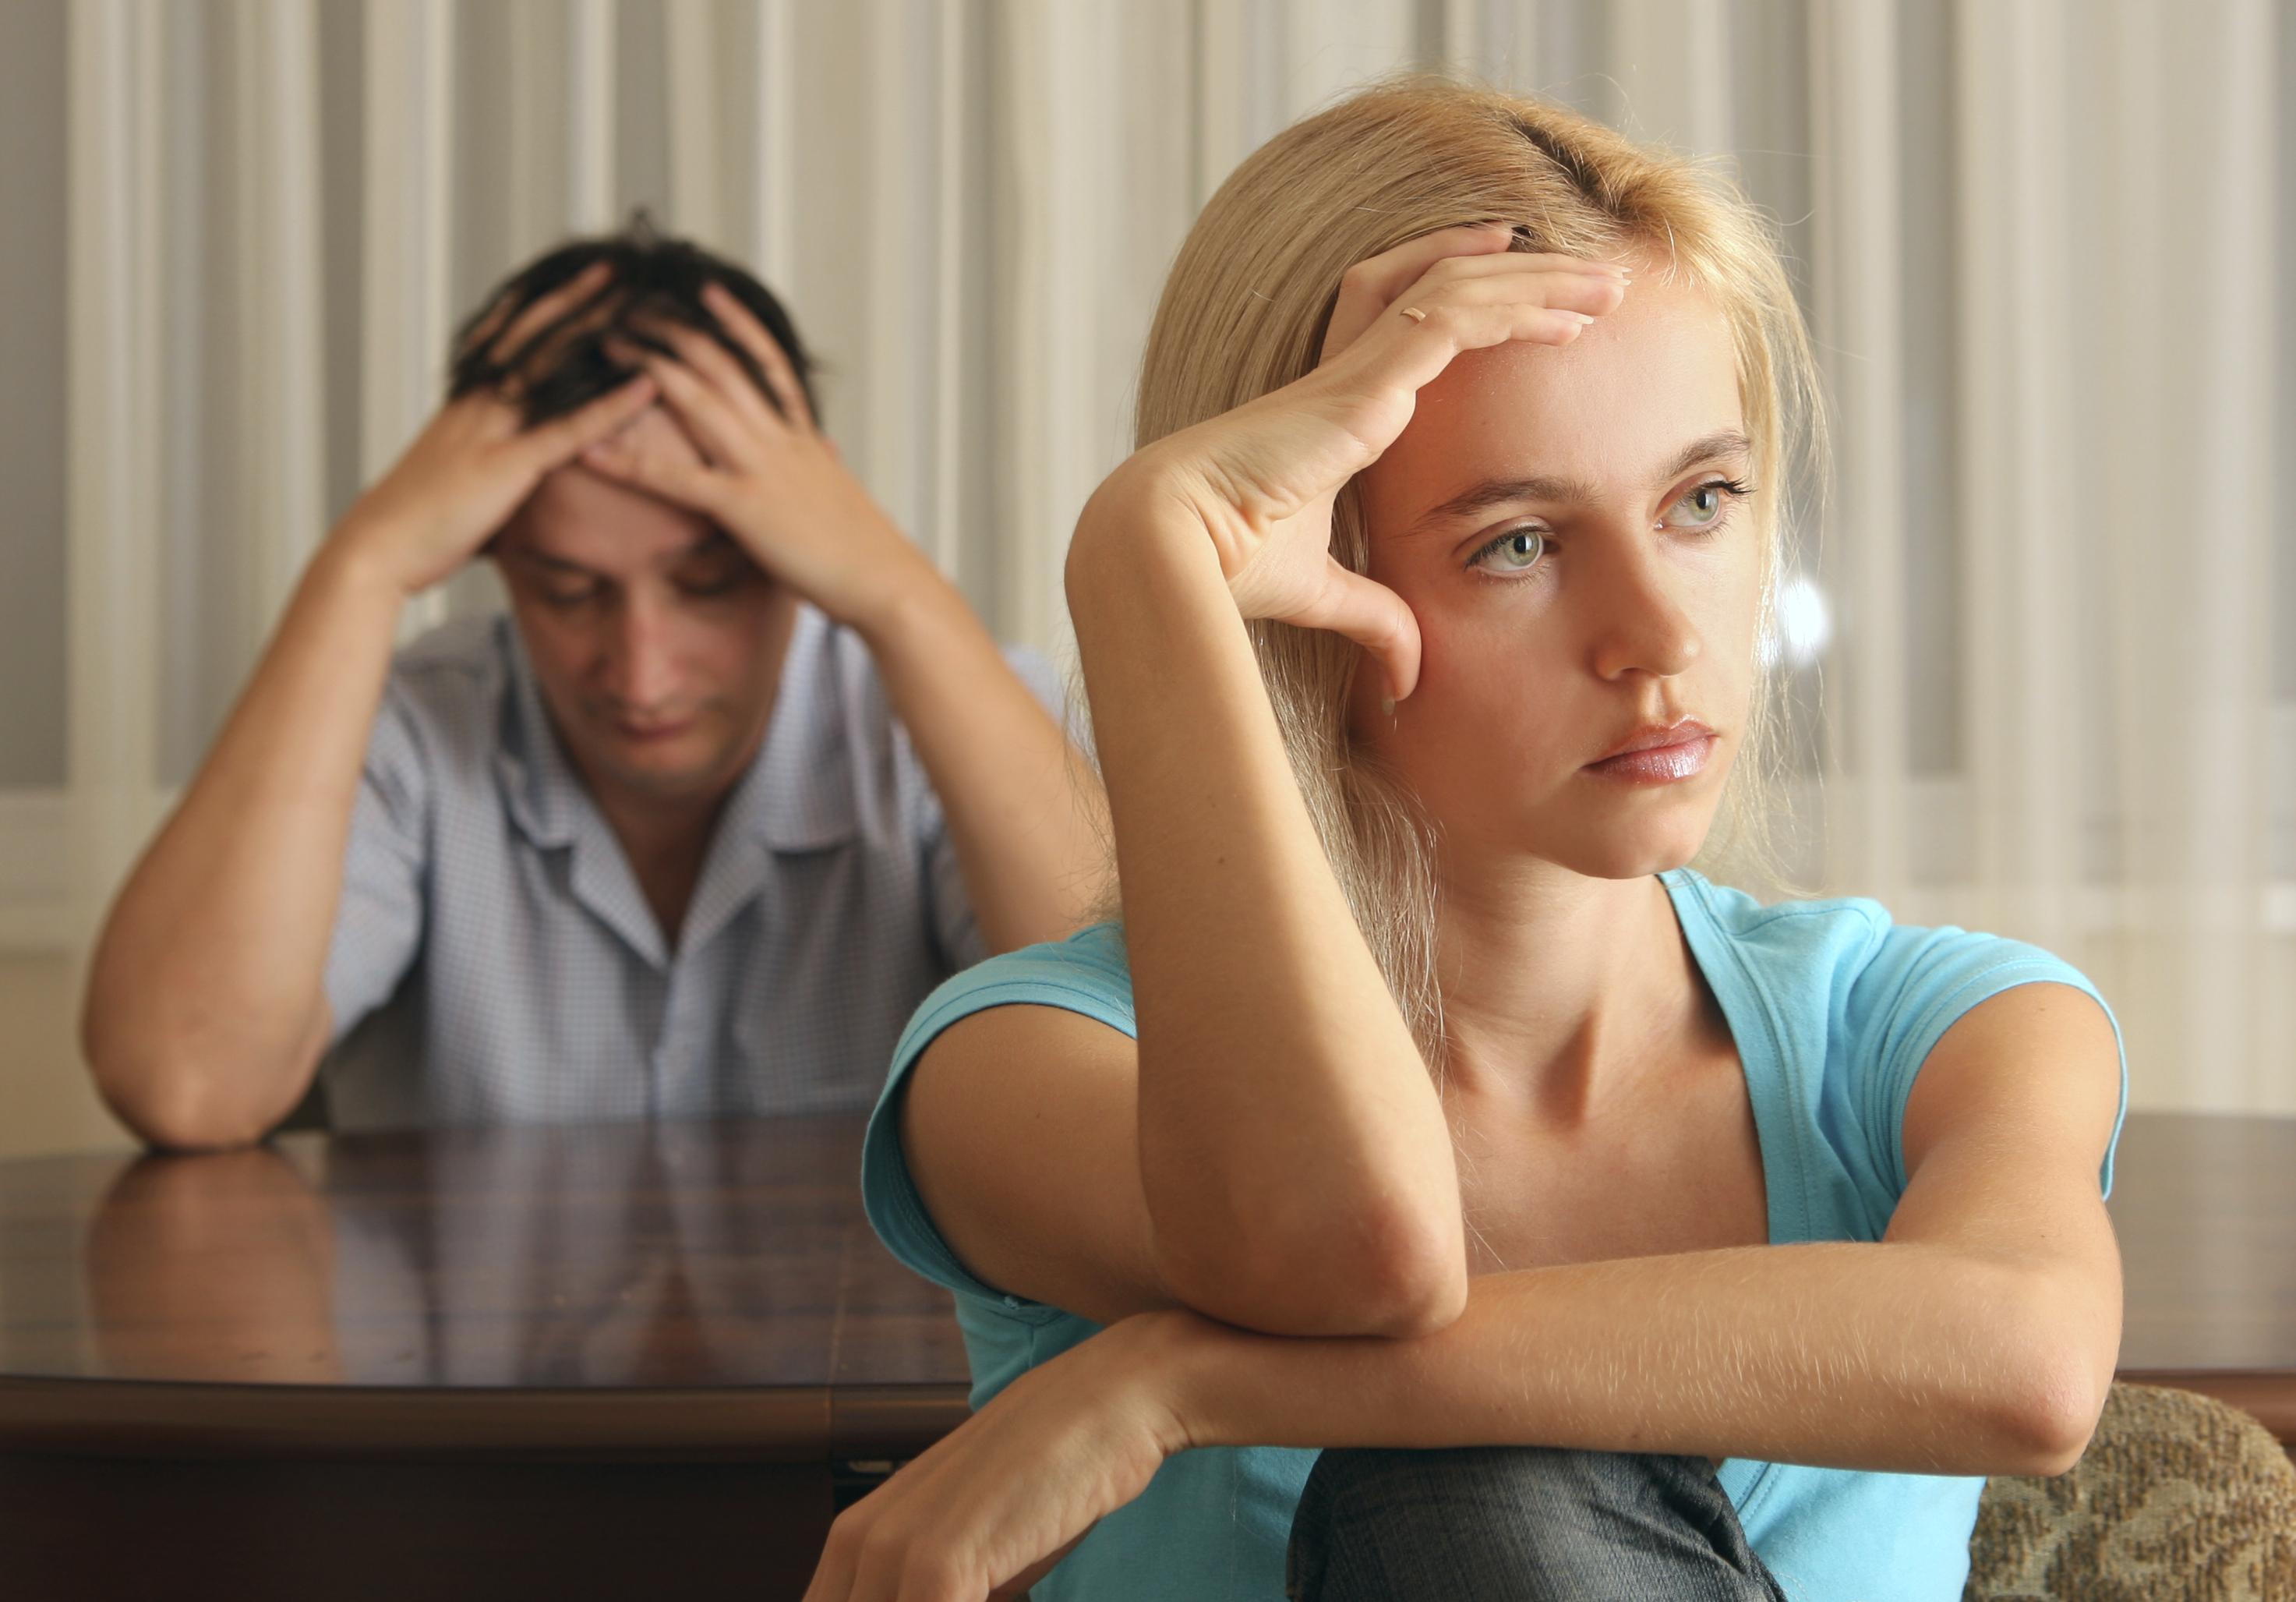 avoidant after breakup